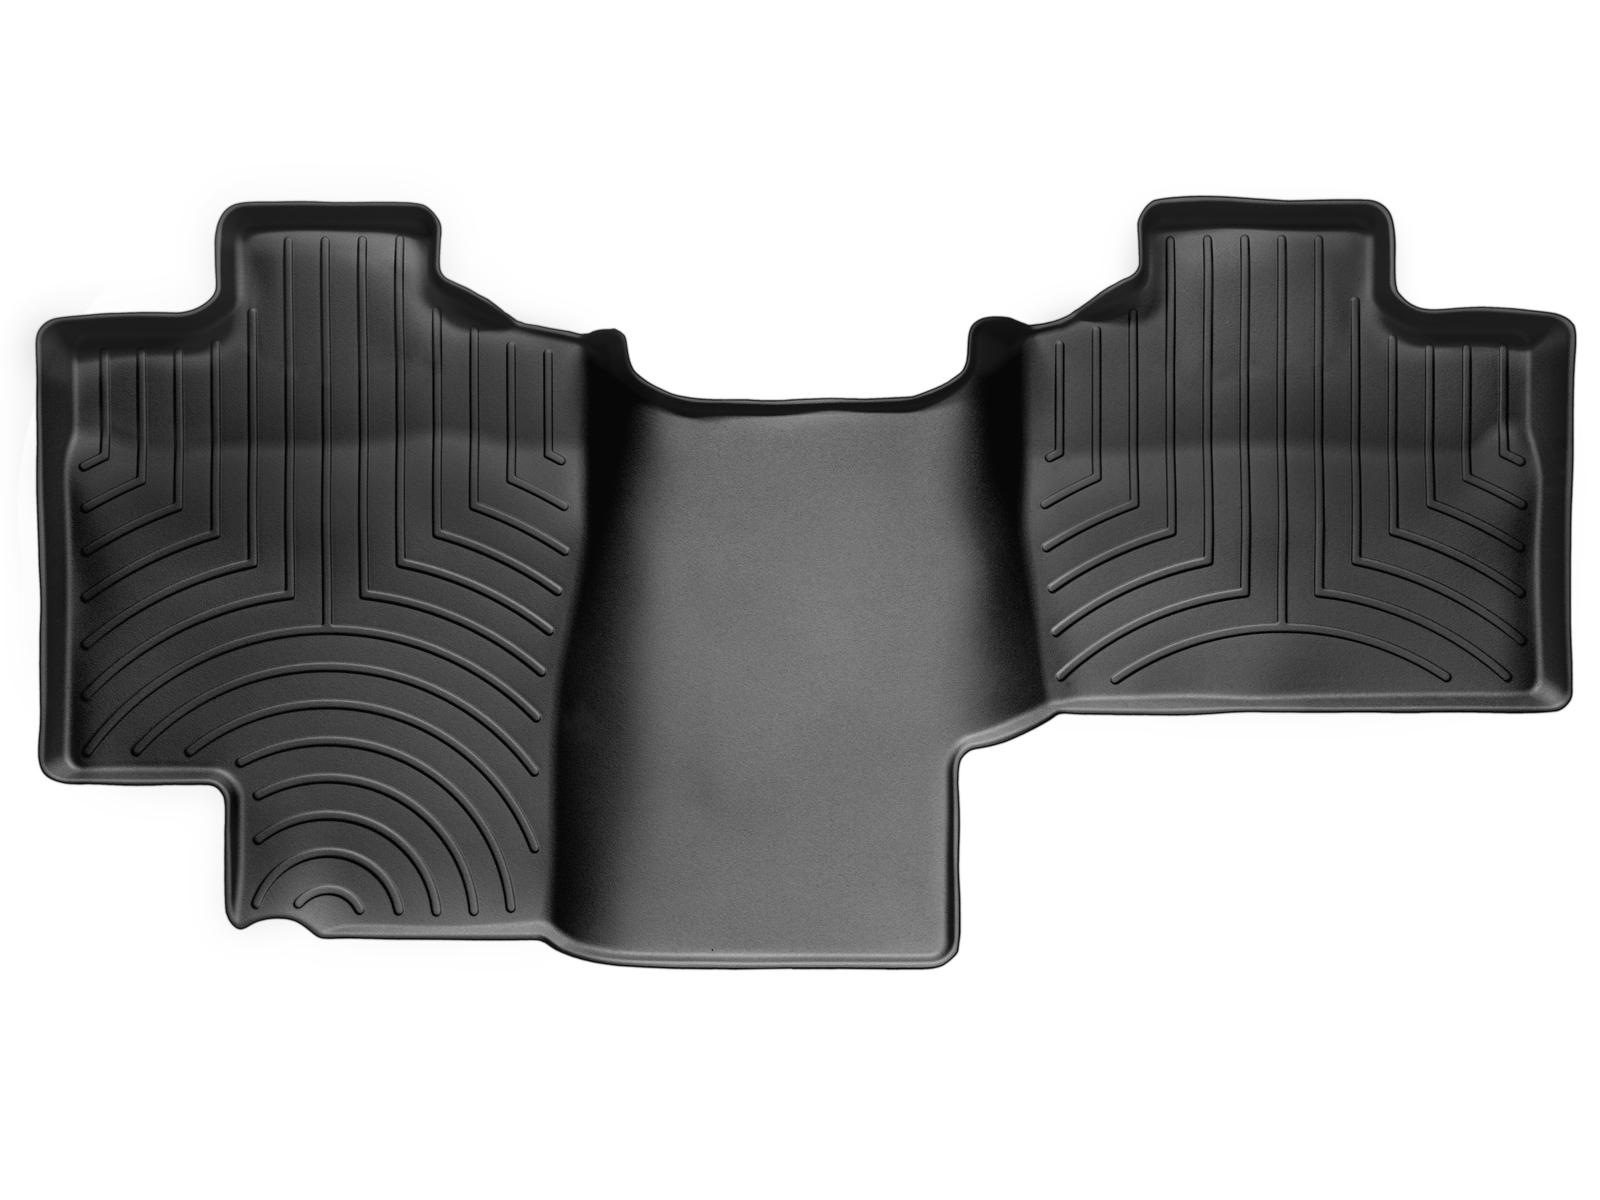 Tappeti gomma su misura bordo alto Ford F-150 05>08 Nero A894*